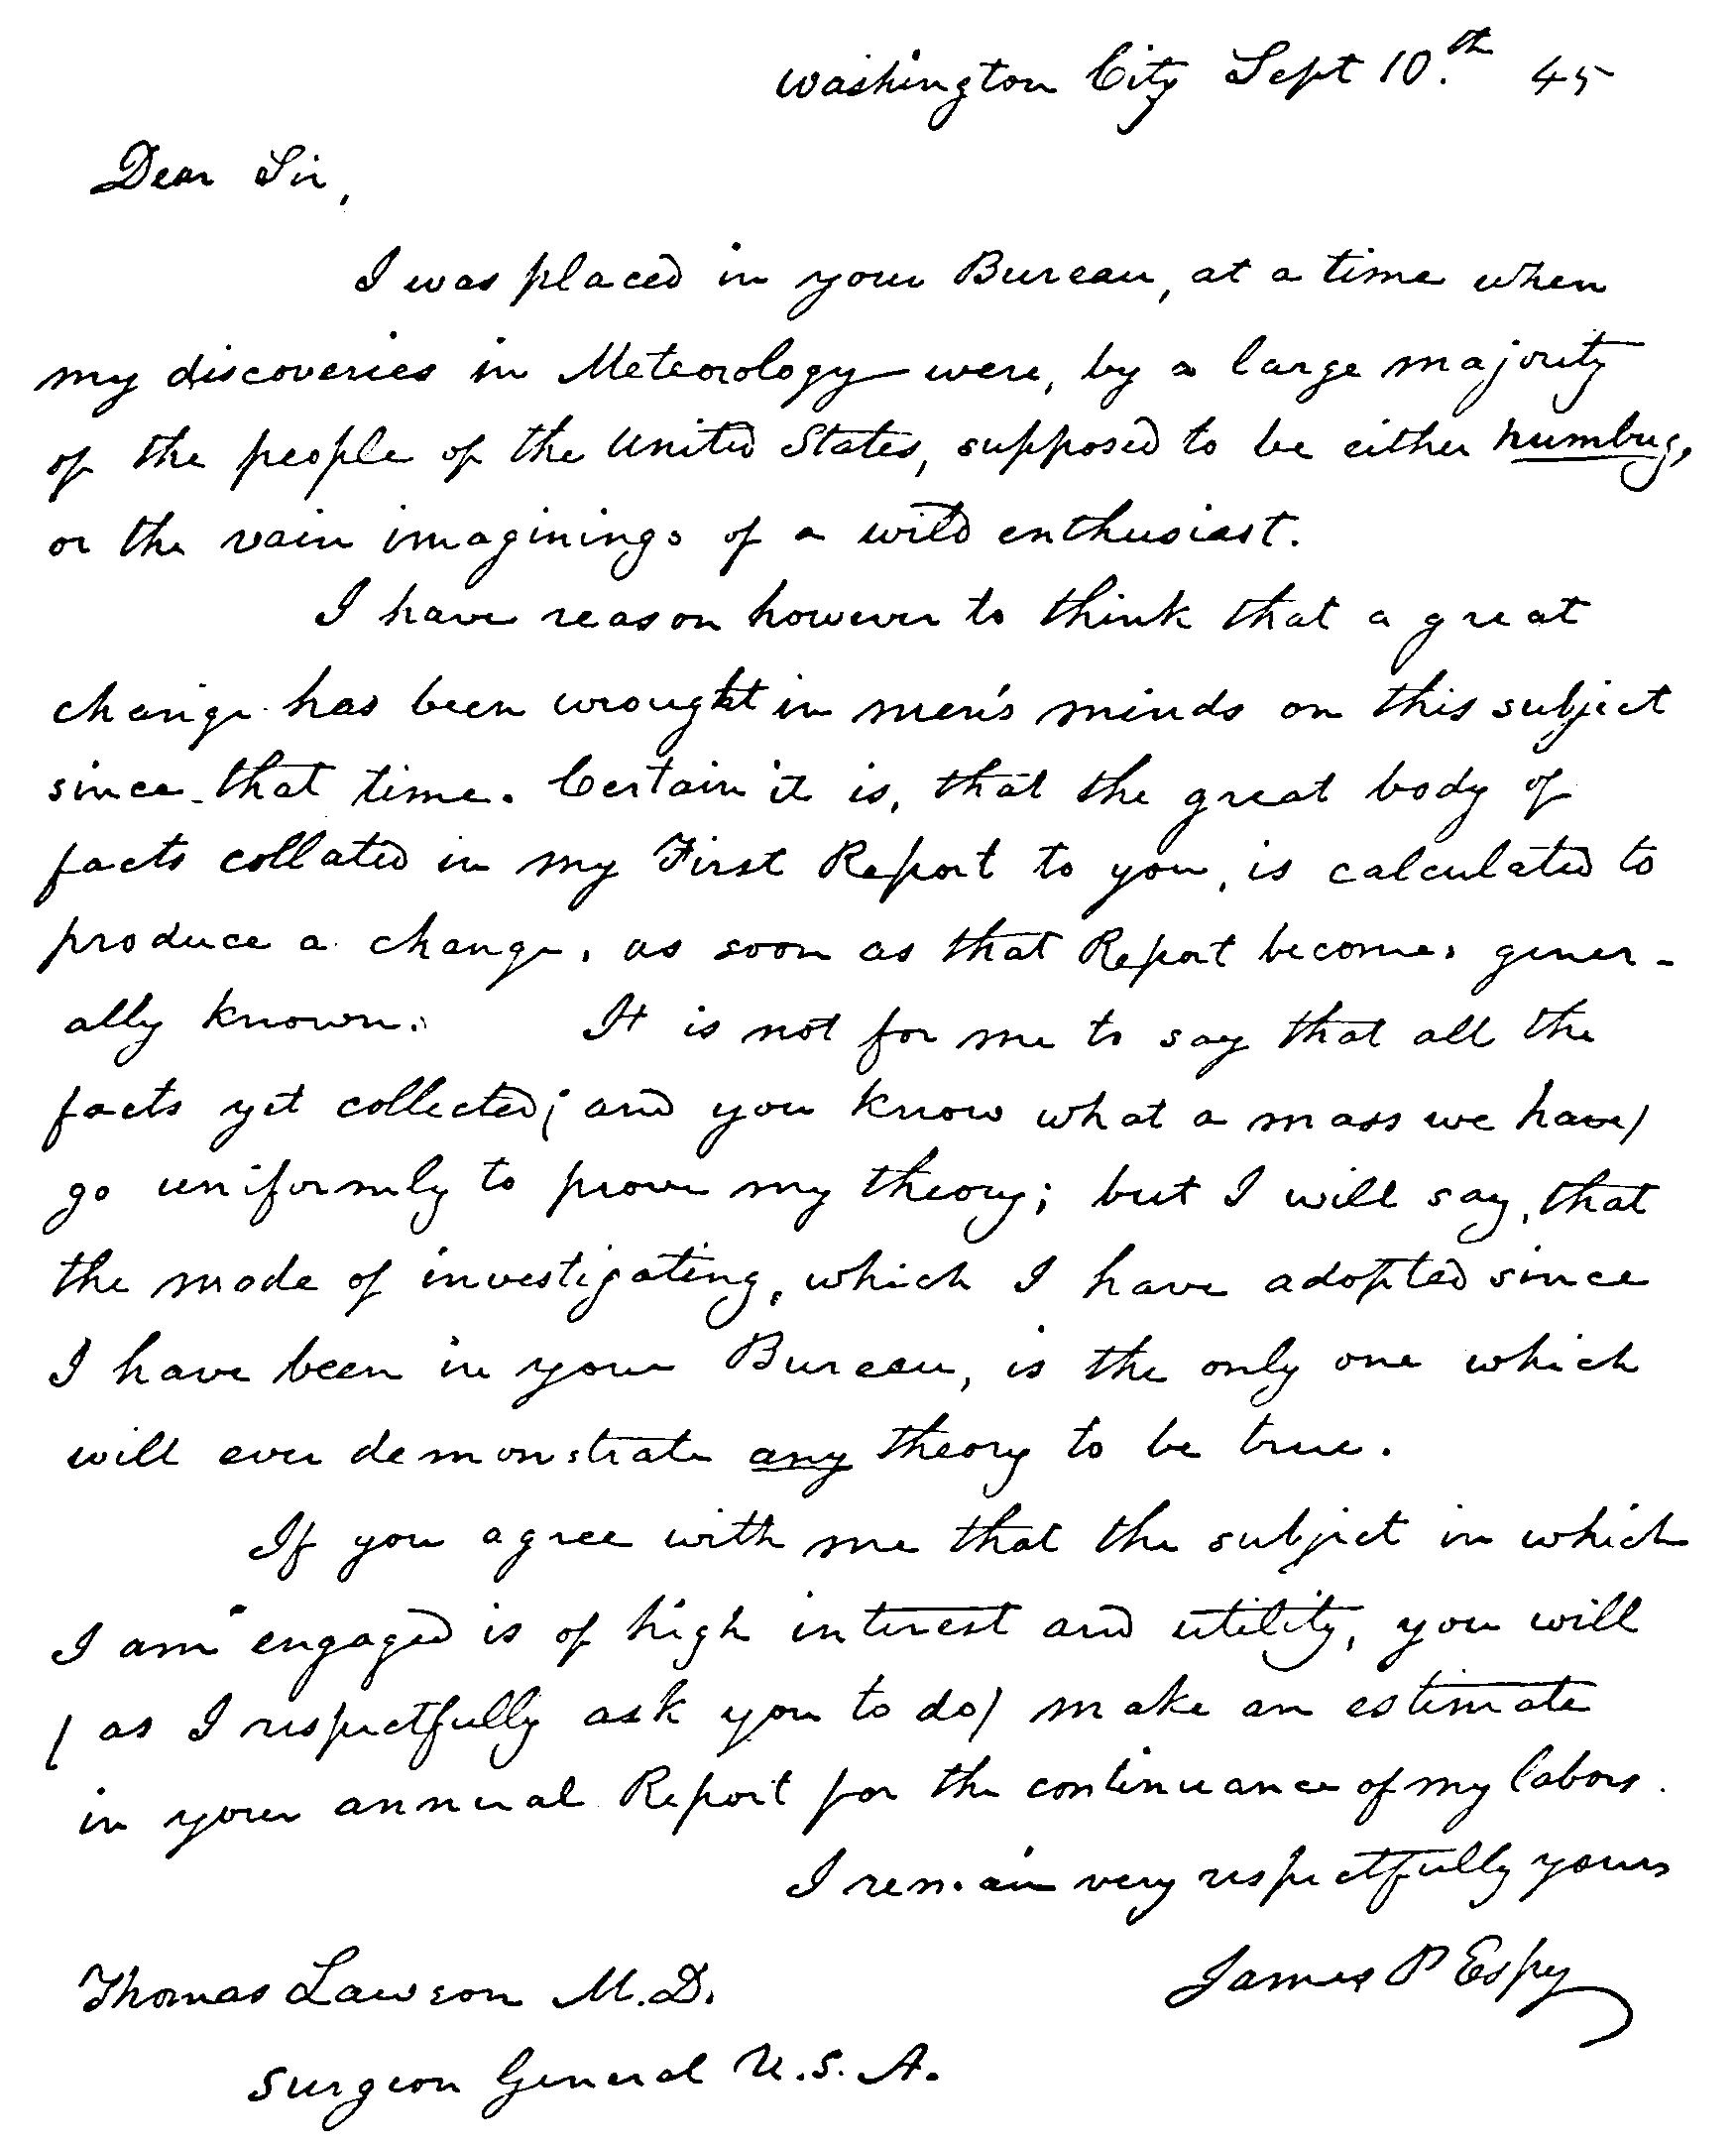 File:PSM V34 D861 Espy letter.png - Letter PNG